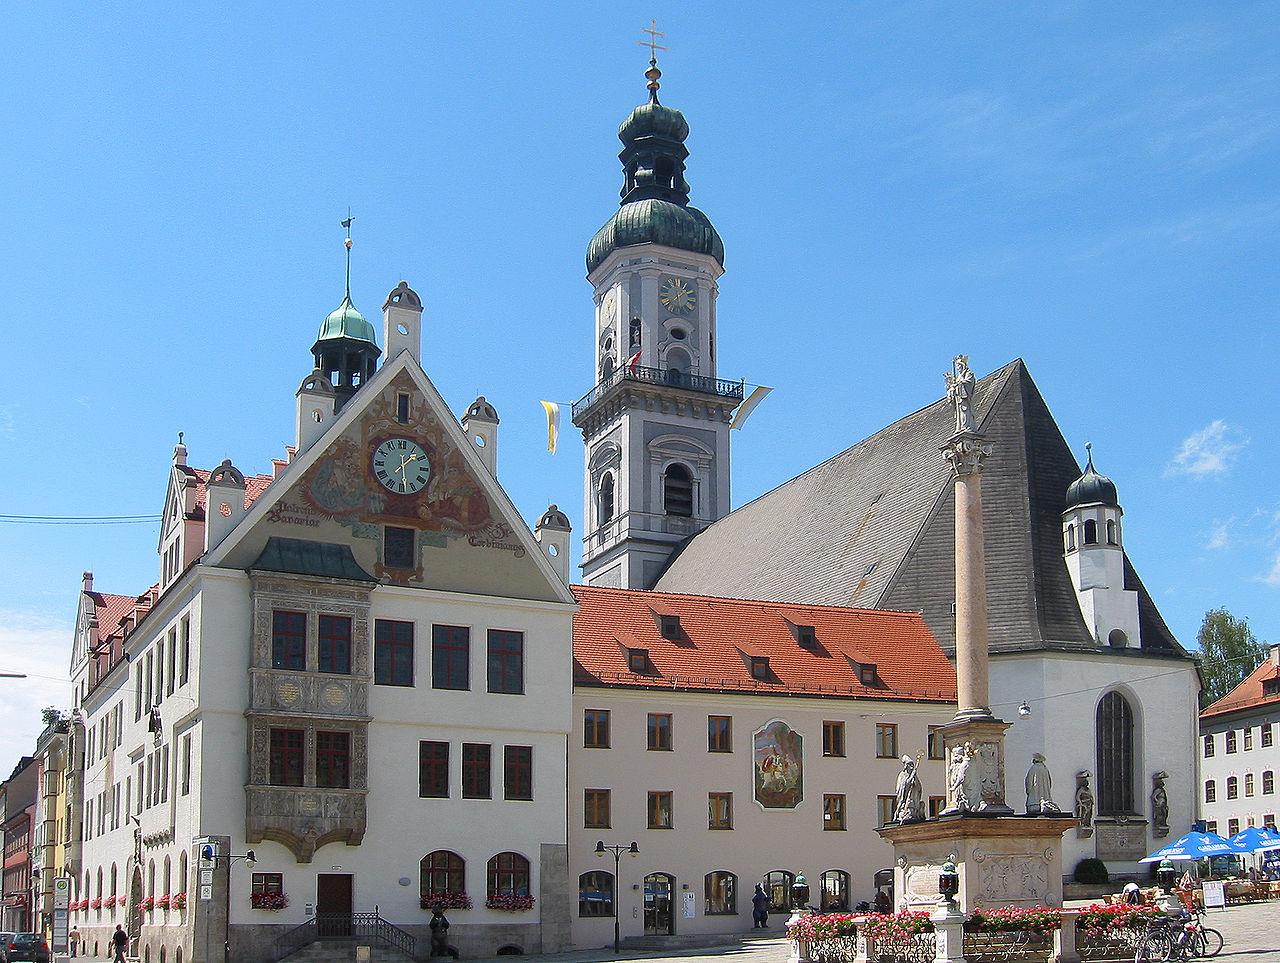 Der Freisinger Marienplatz mit Rathaus, Stadtpfarrkirche St. Georg und Mariensäule